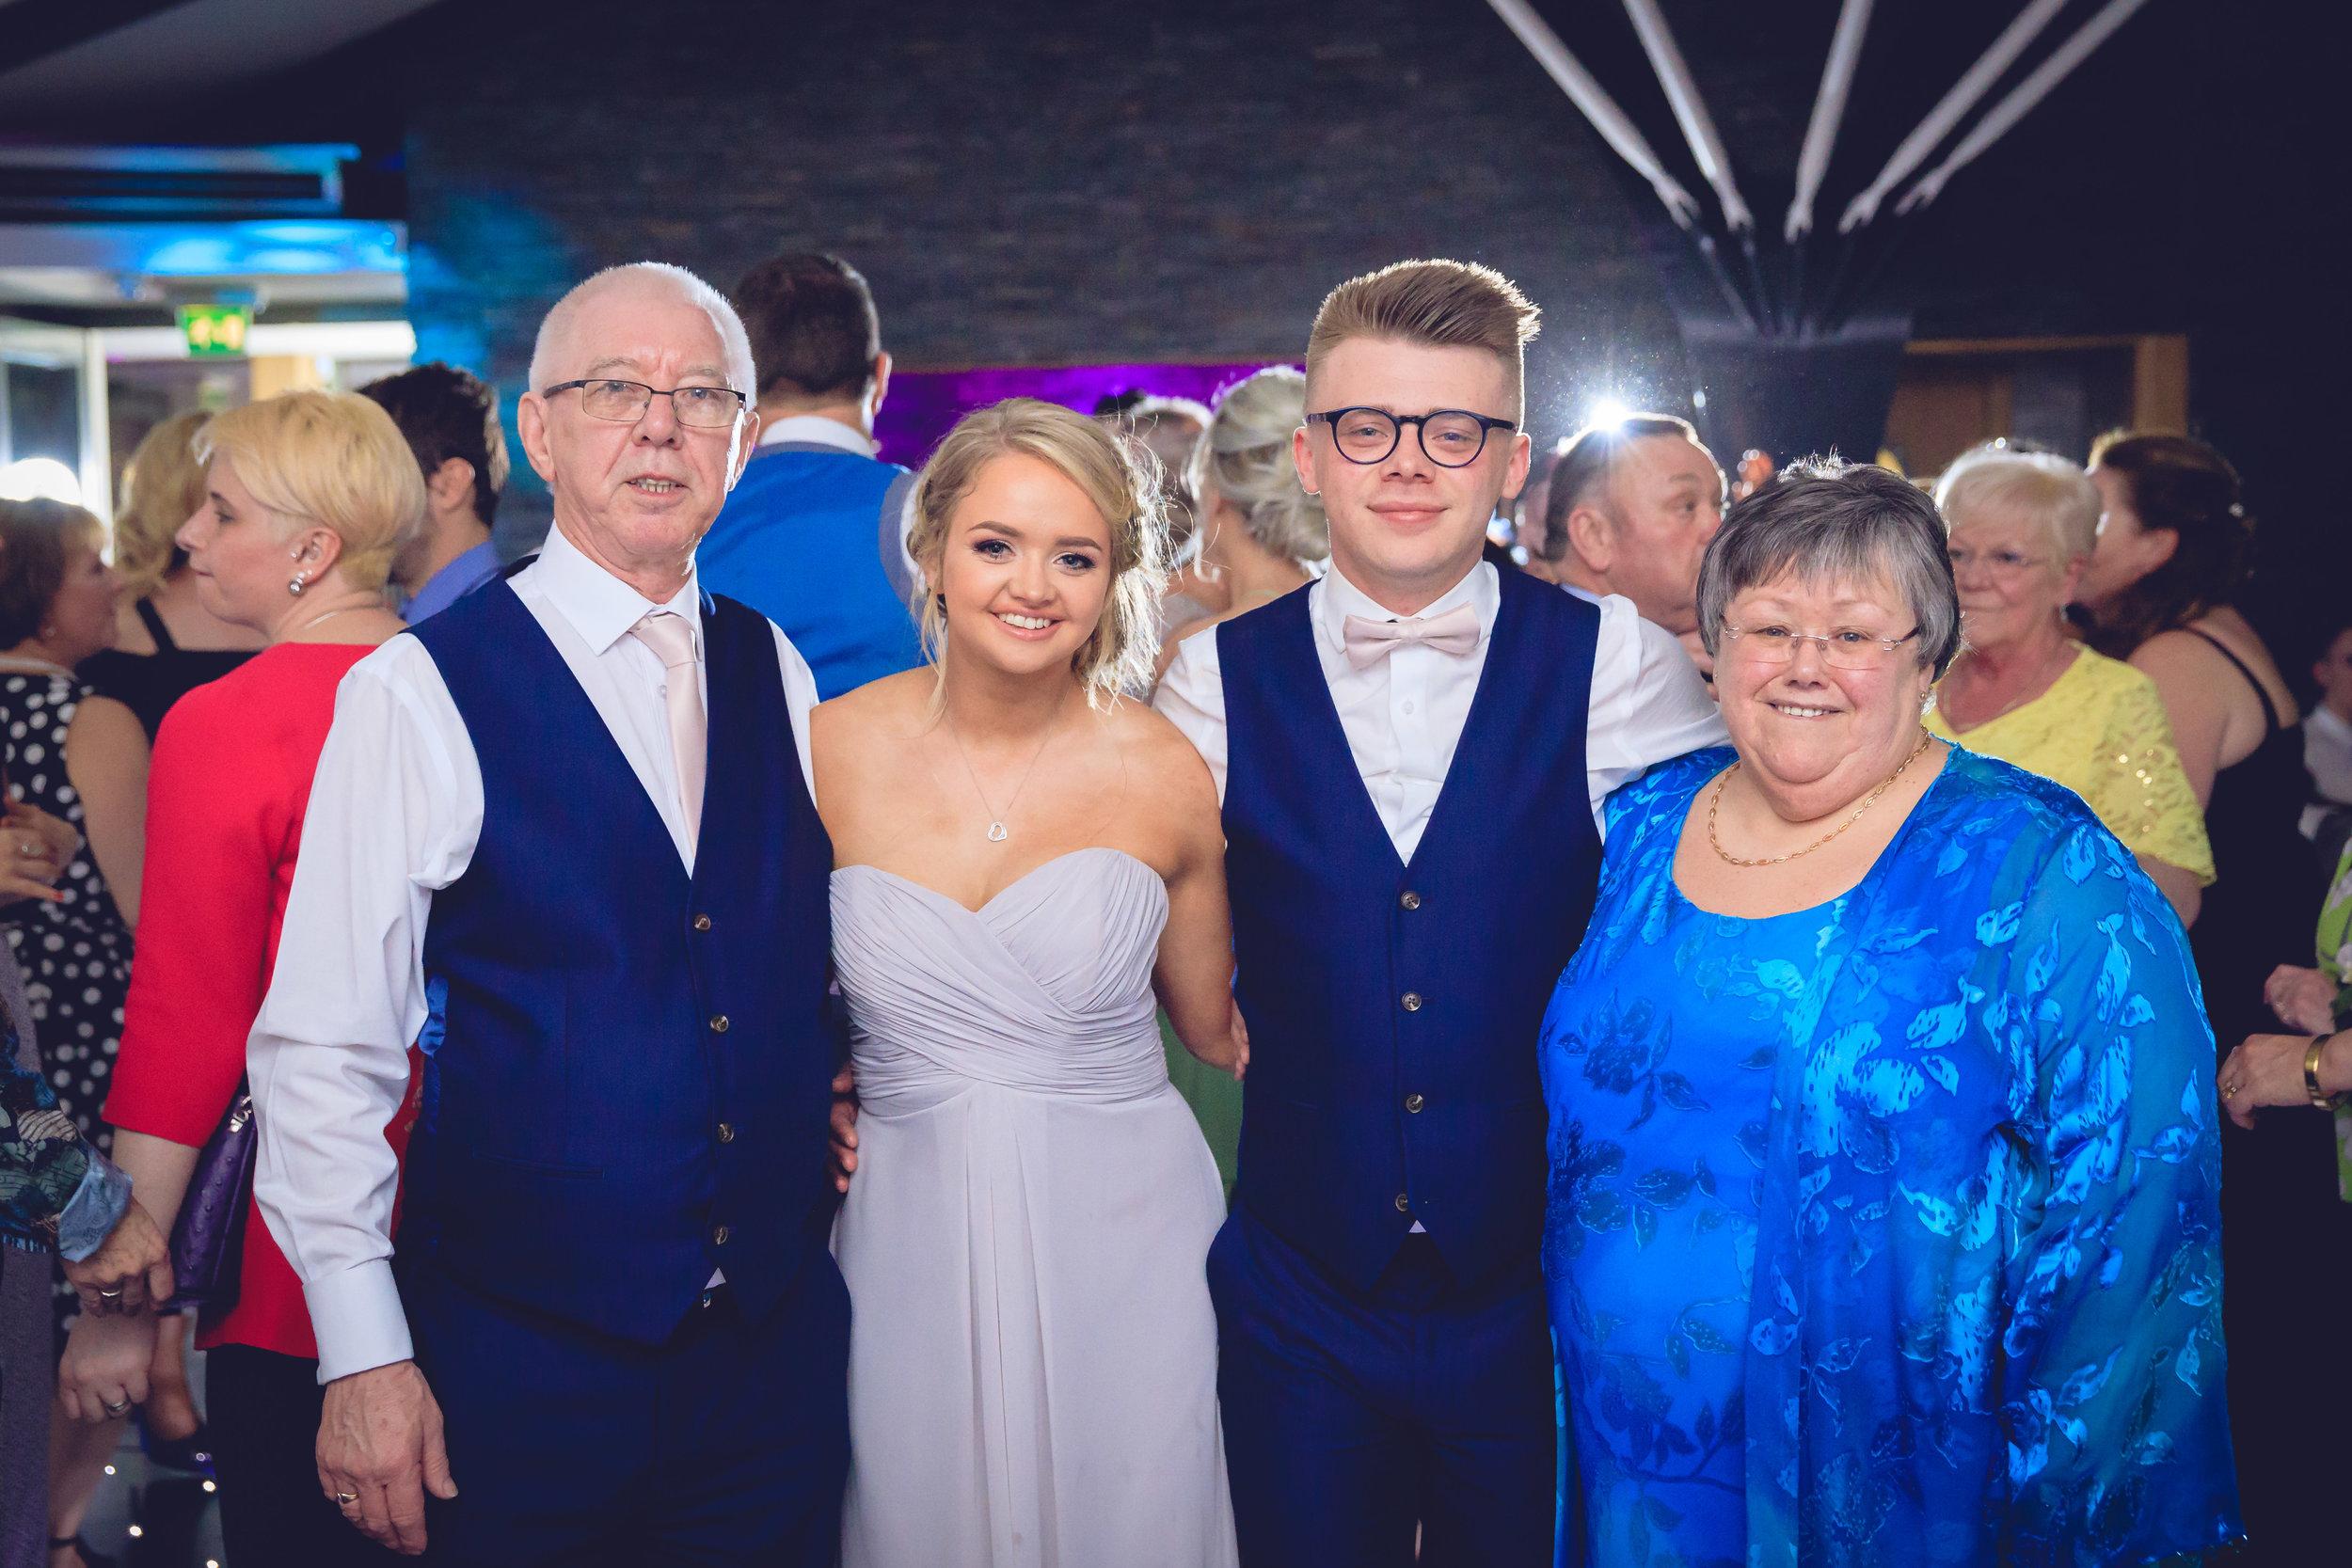 Danny-and-Craig-wedding-628.jpg